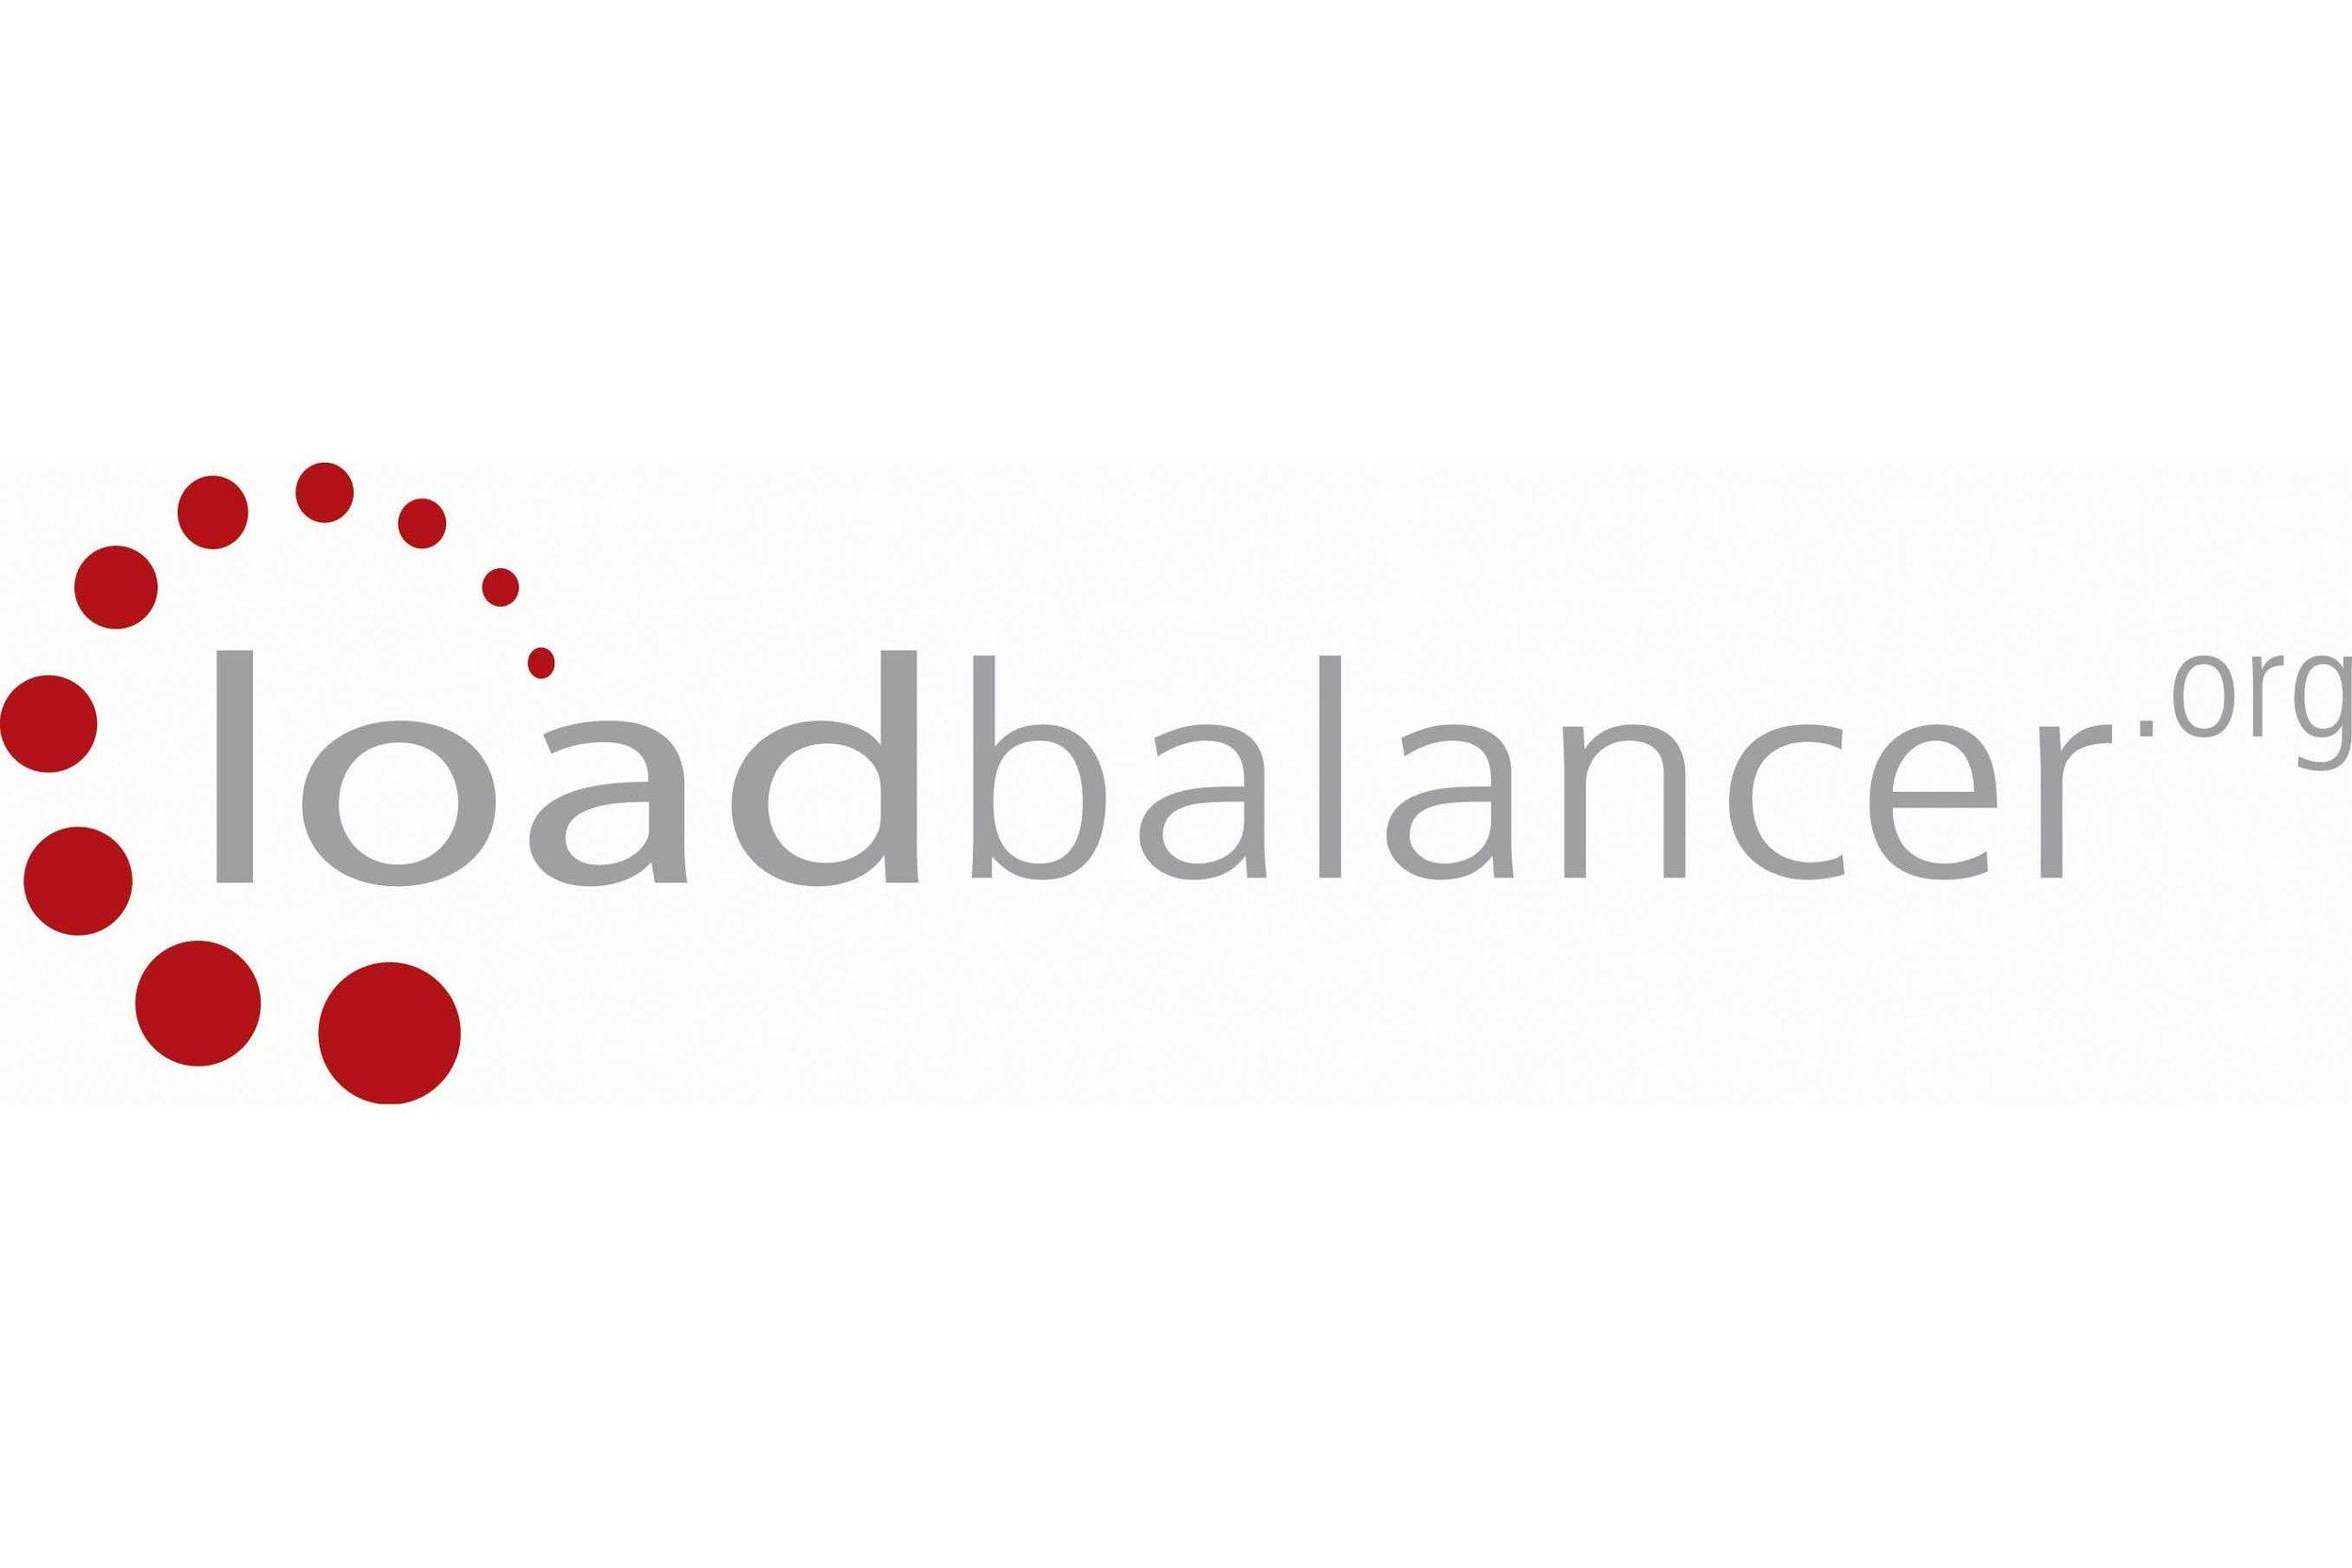 loadbalancer-logo.jpg